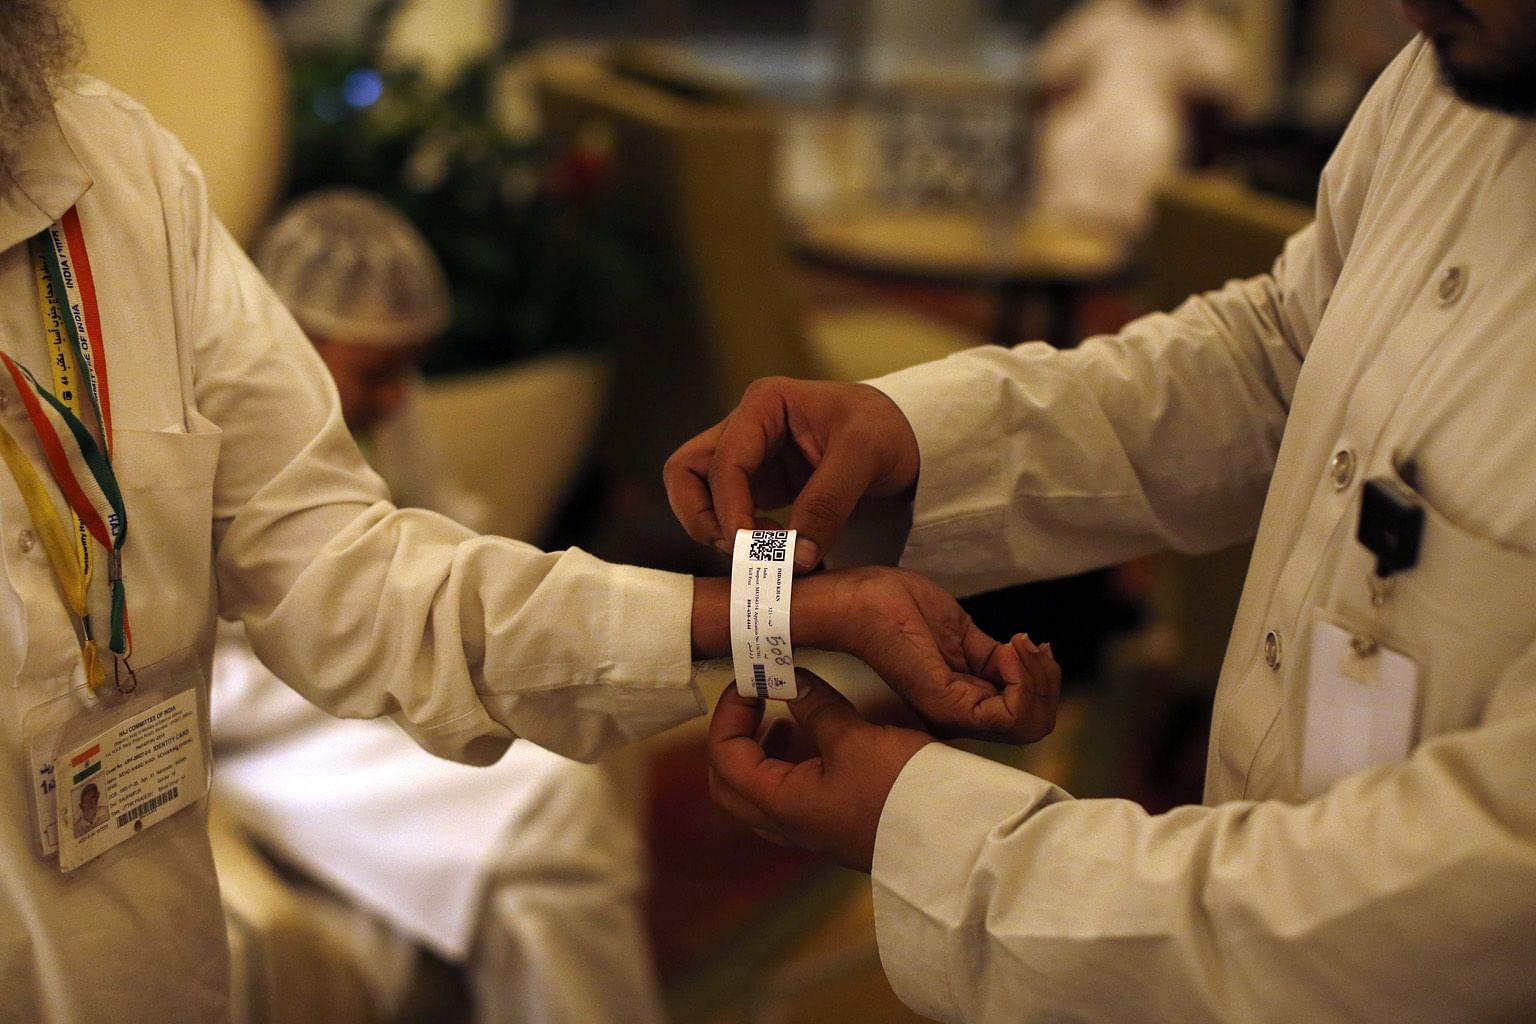 MENJELANG HARI RAYA AIDILADHA Lebih 1.3j jemaah dari seluruh dunia tunai haji tahun ini